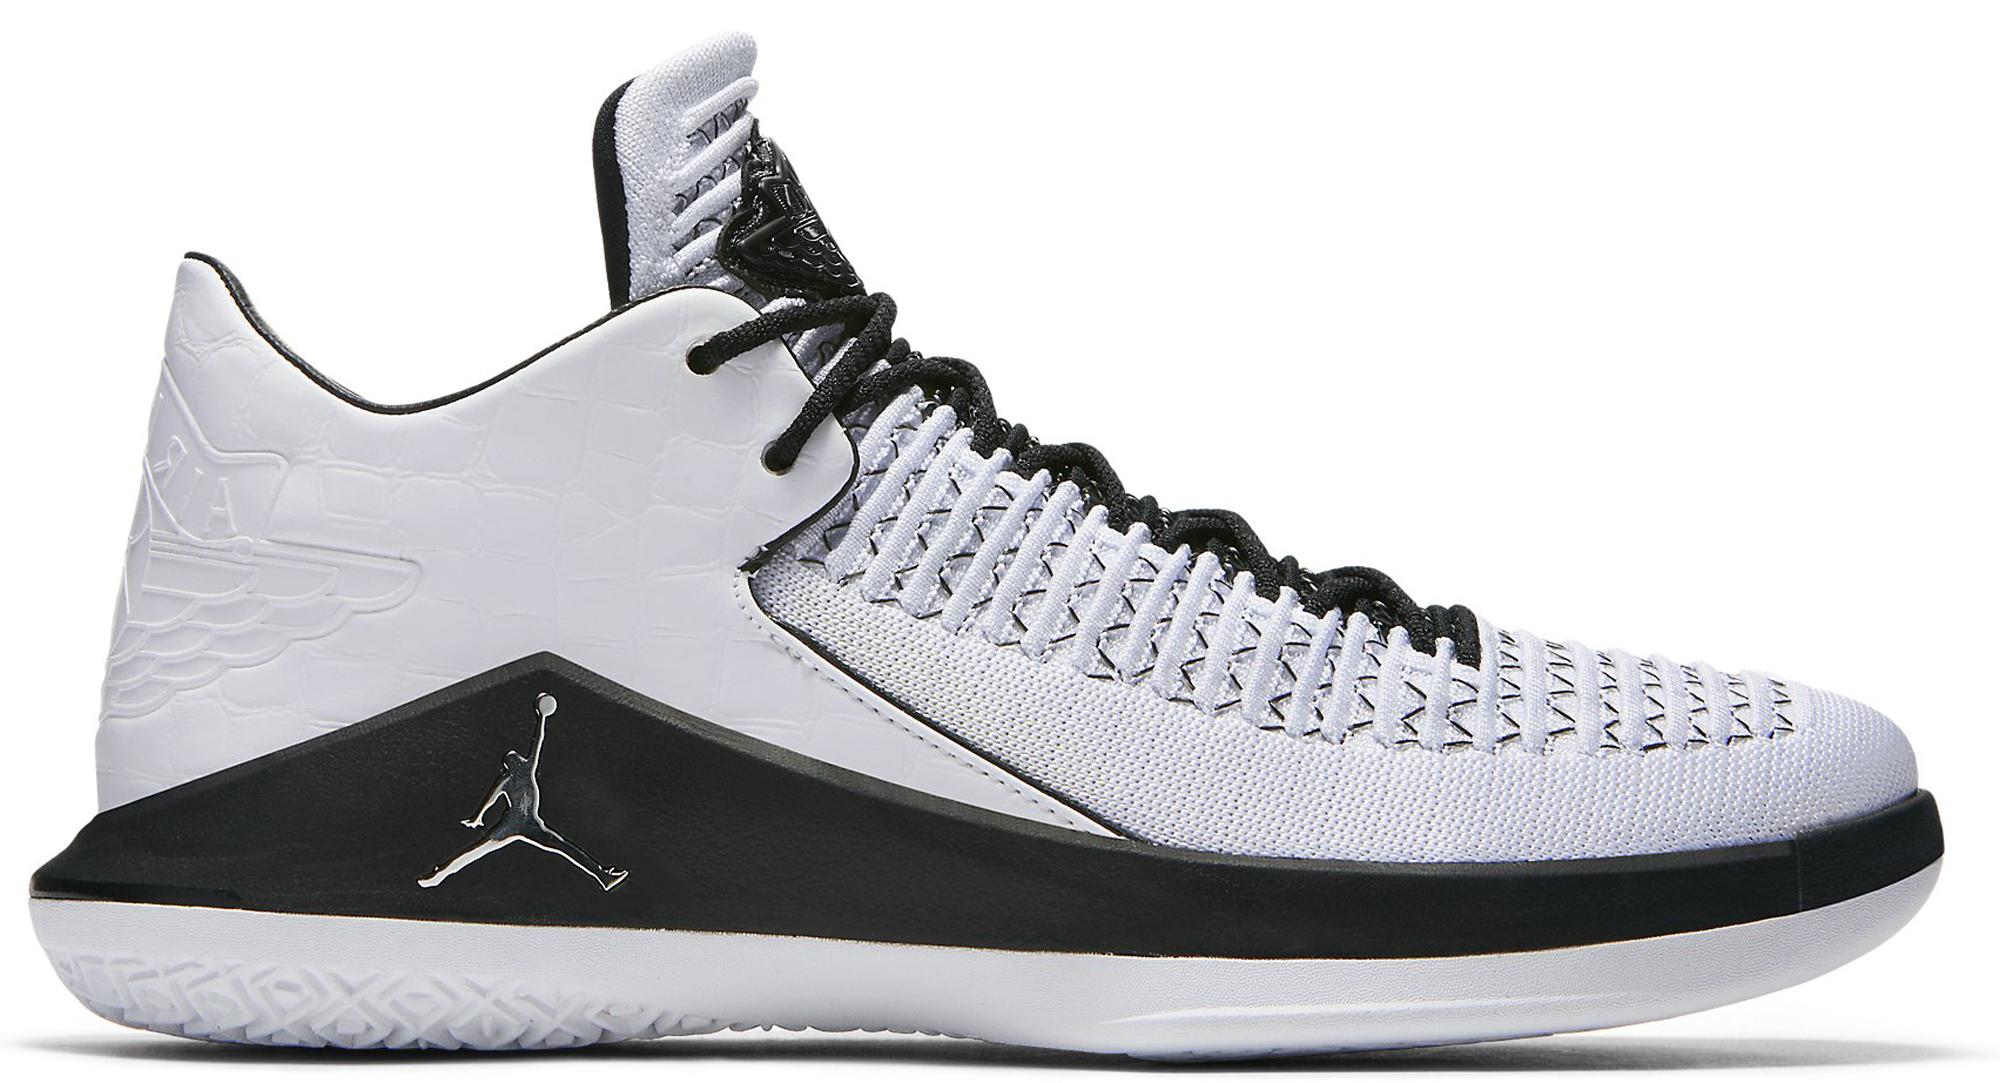 Jordan XXXII Low Wing It